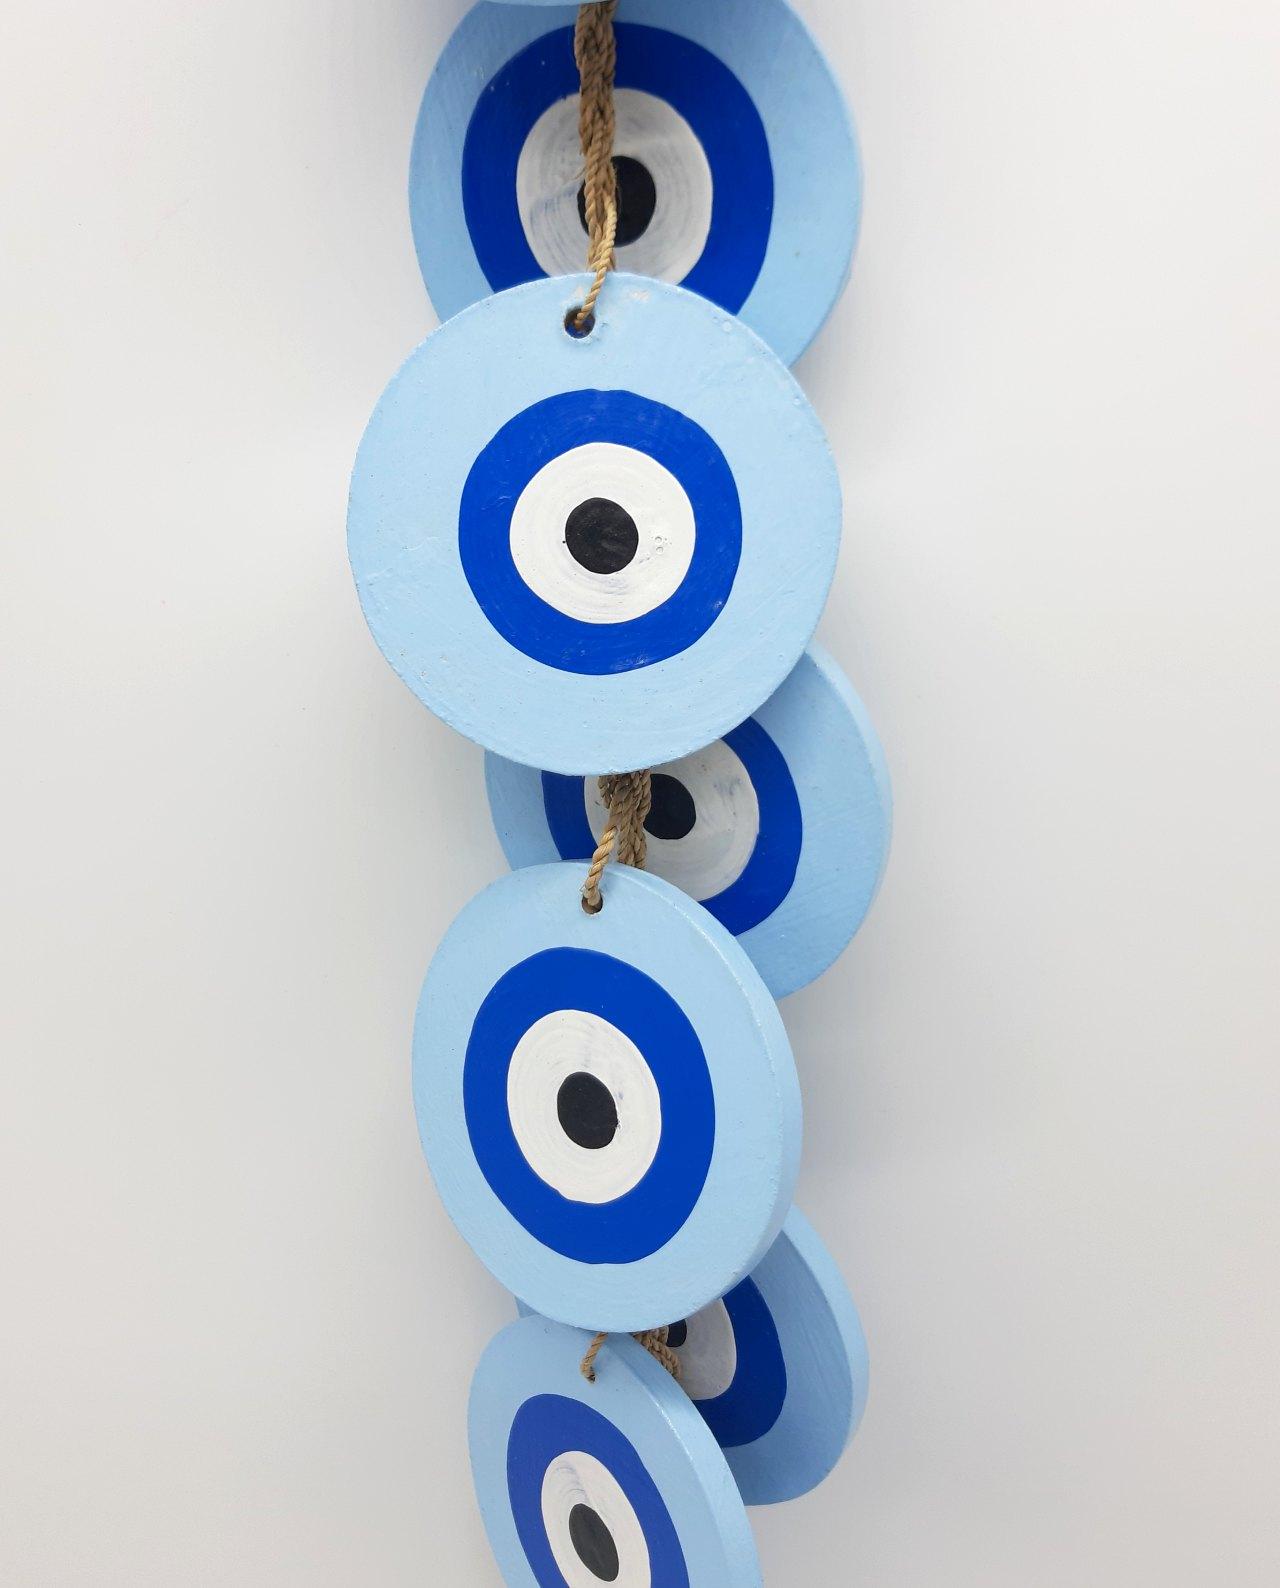 Γιρλάντα 8 Ματάκια Ξύλινα Χειροποίητα Μήκος 50 cm χρώμα γαλάζια